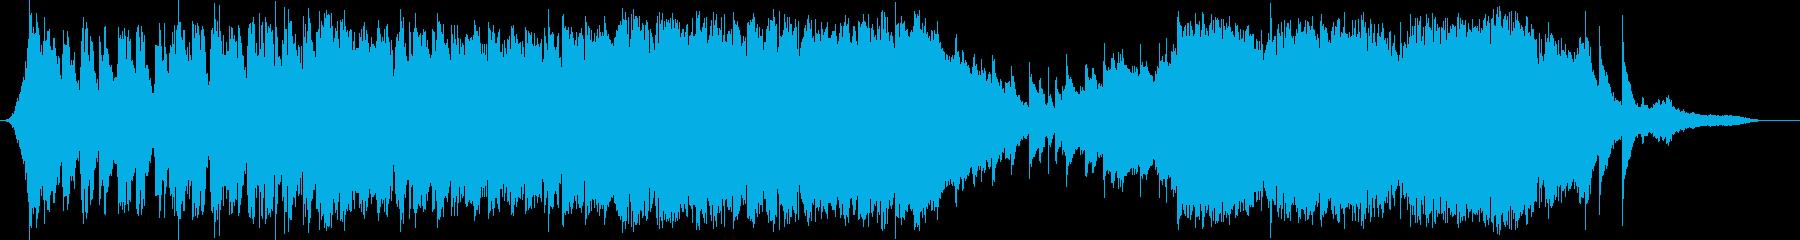 ポストアポカリプスを表現したオーケストラの再生済みの波形